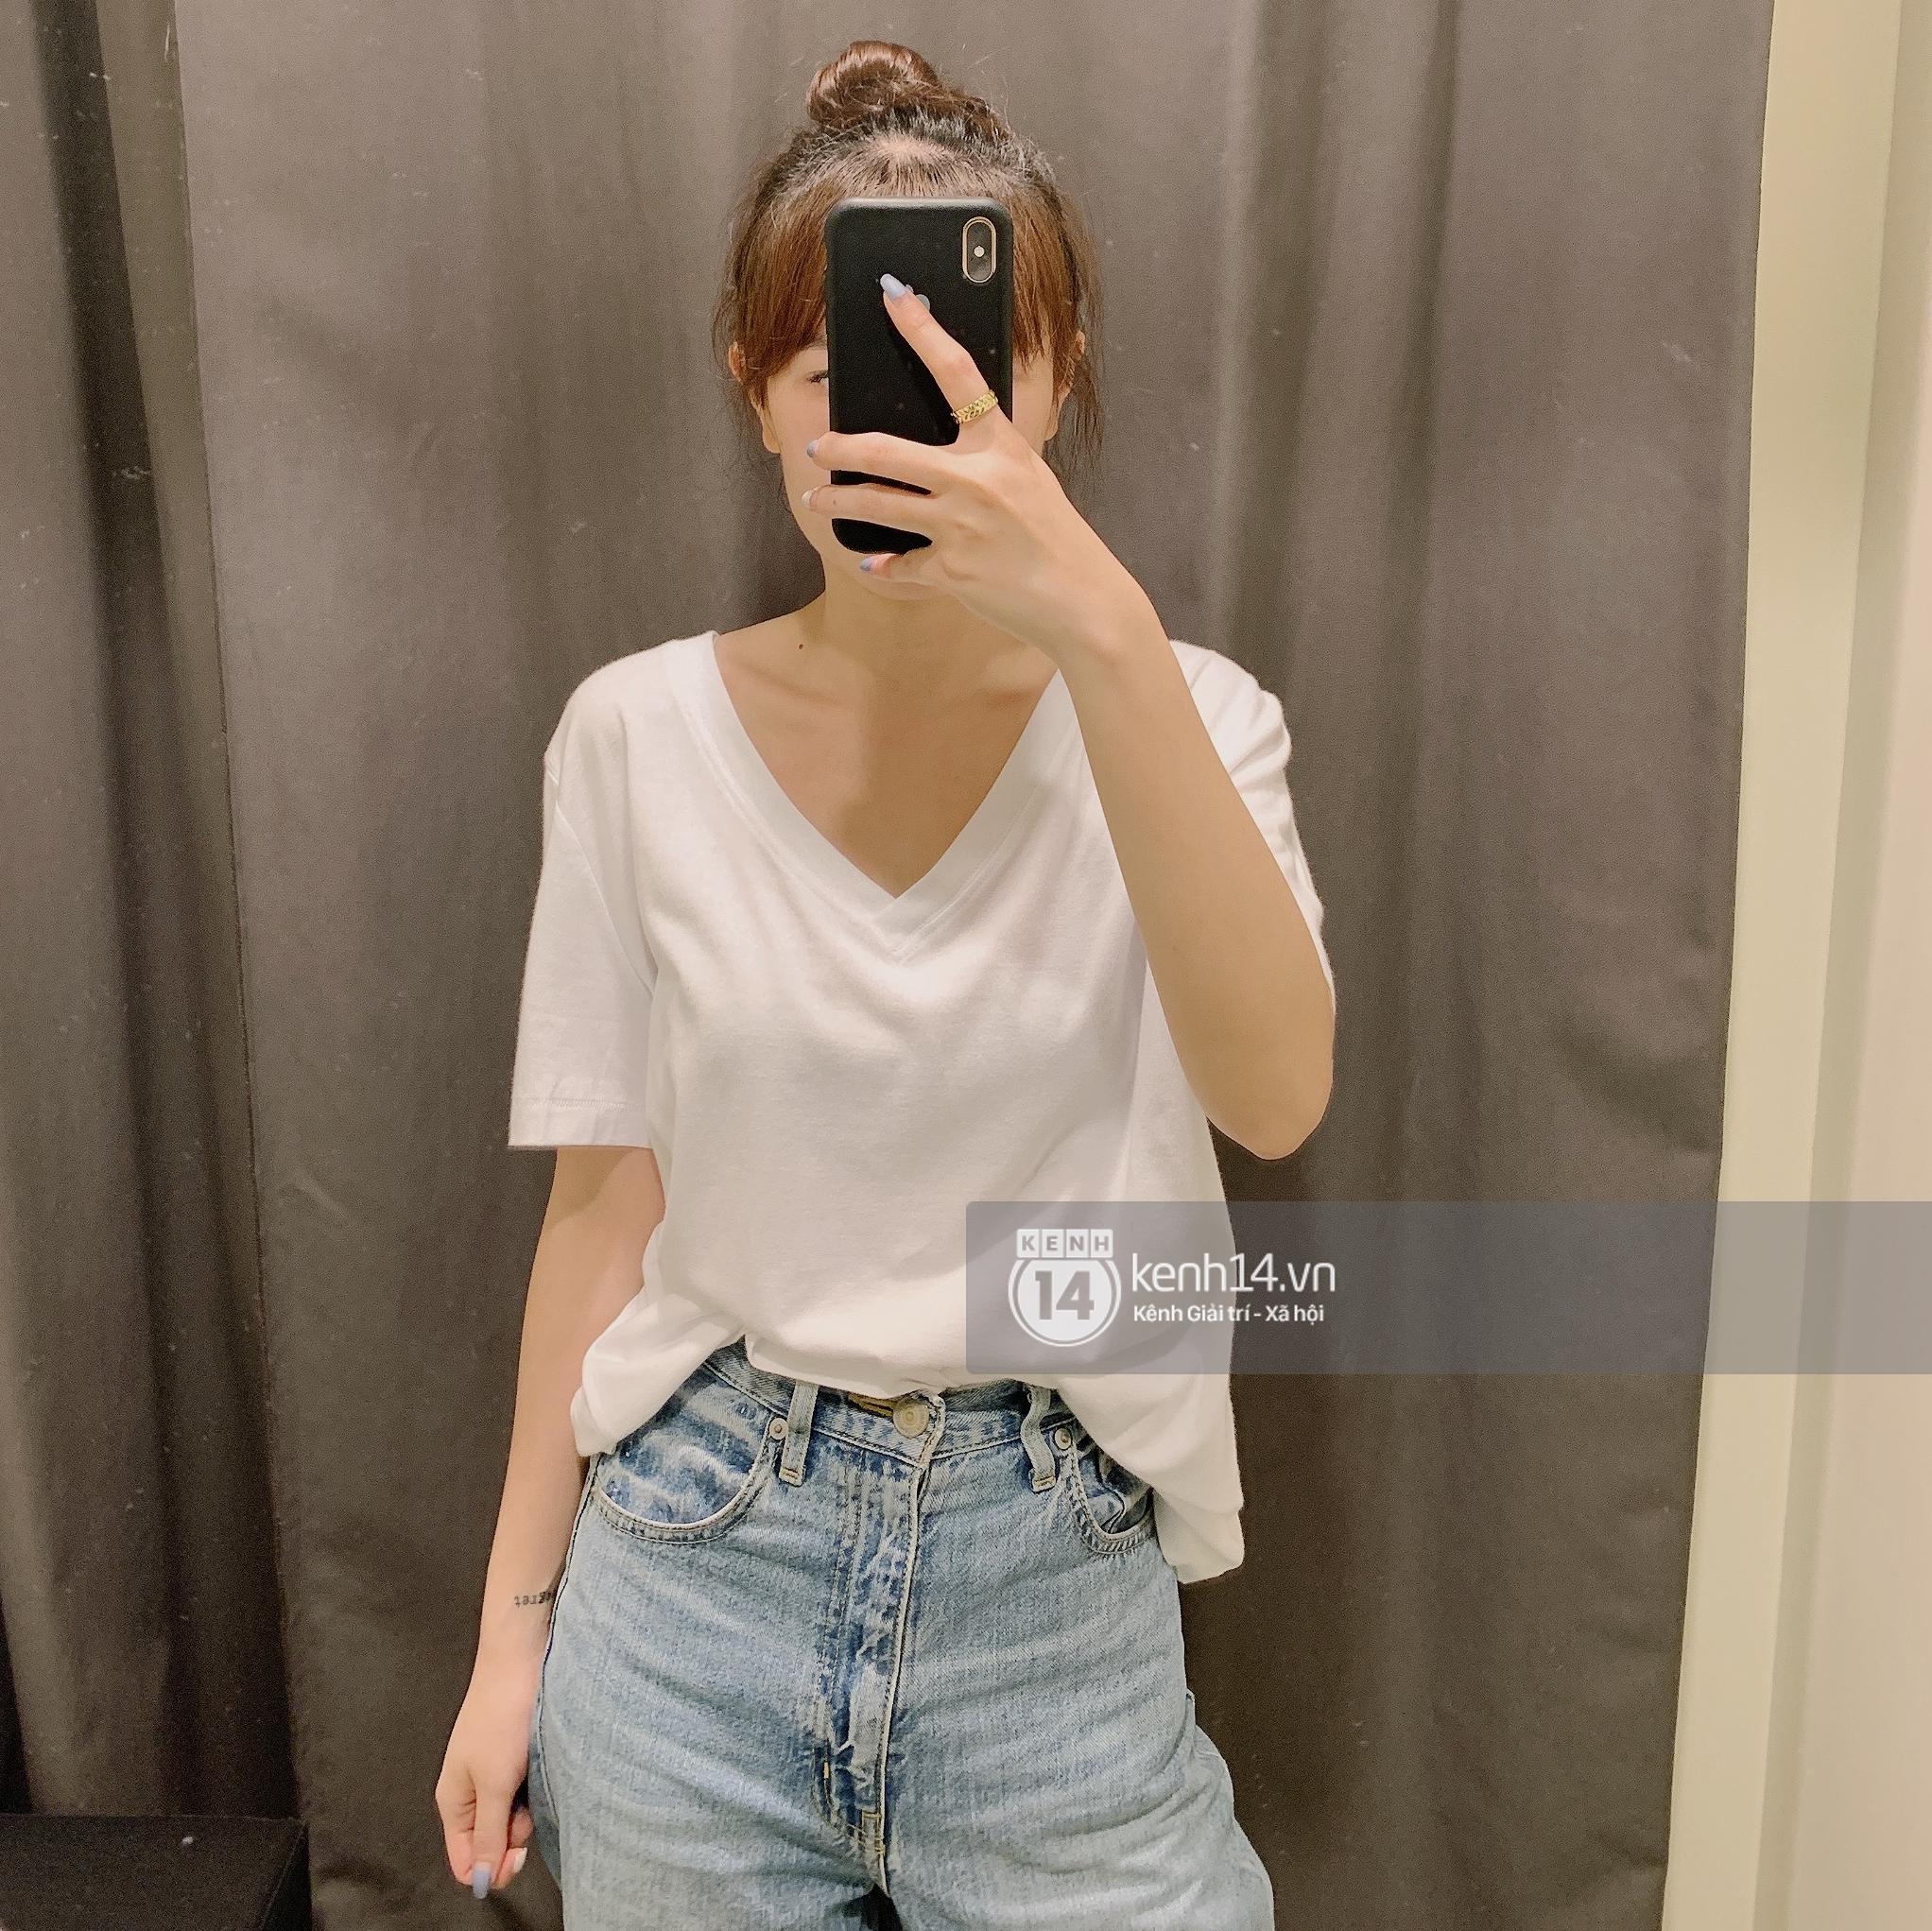 Review thật tâm áo phông trơn ở H&M, Mango, UNIQLO: Giá đều dưới 400K nhưng chất lượng khác nhau thế nào? - Ảnh 4.